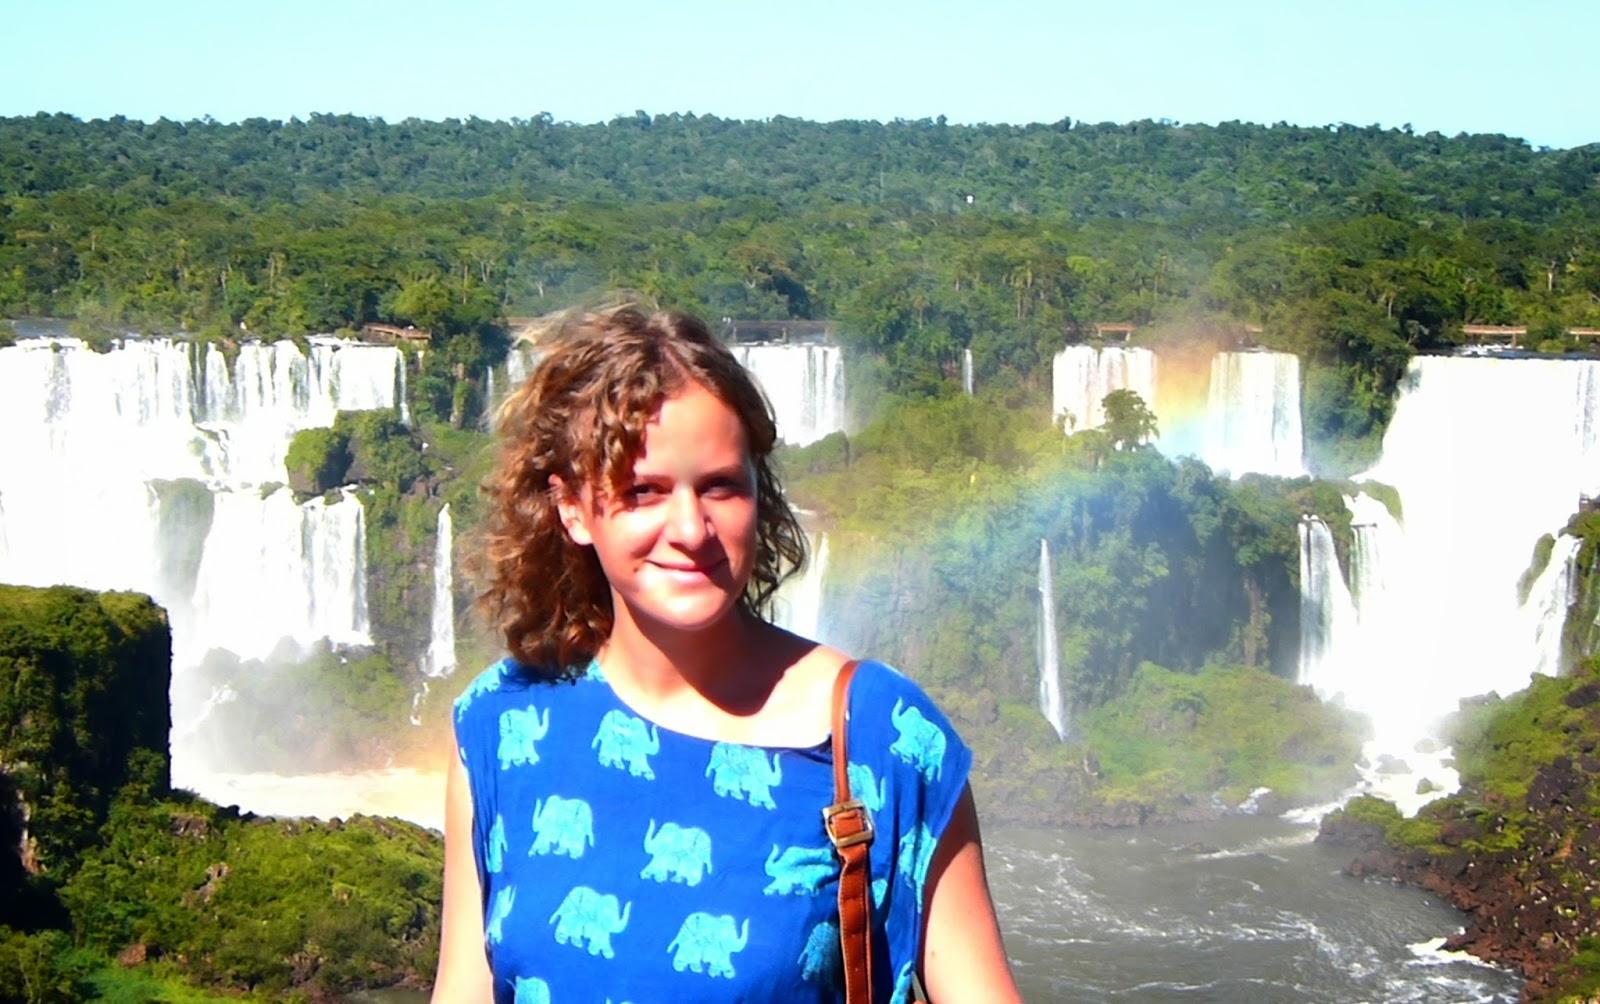 brasilien junior girl